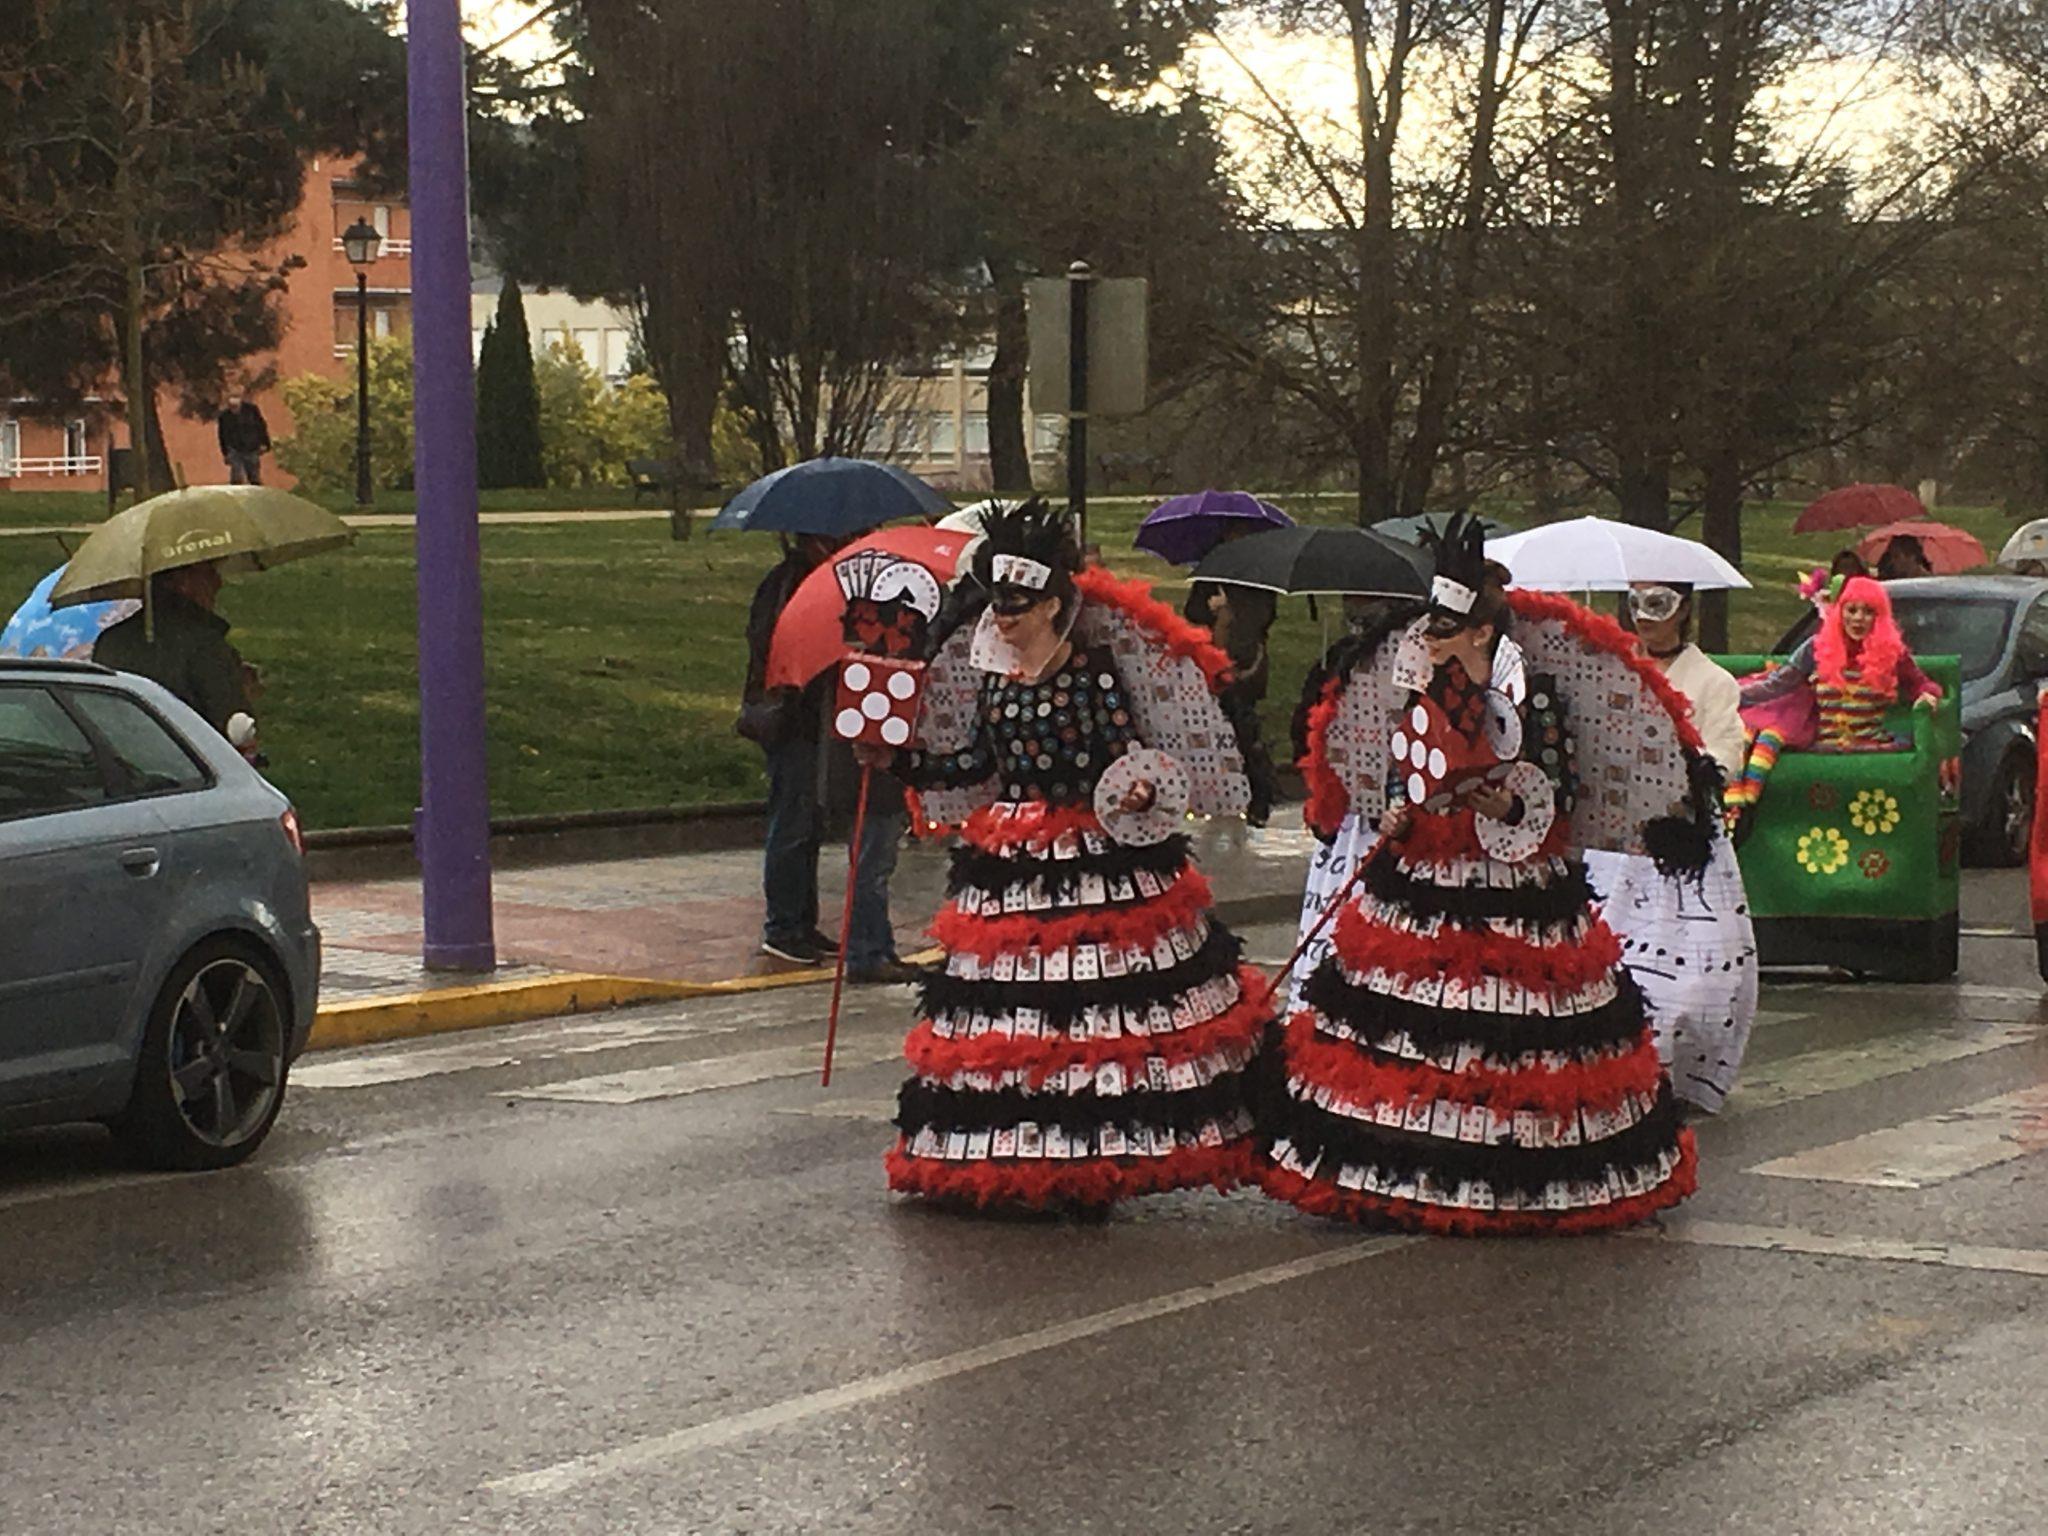 Álbum de fotos del martes de Carnaval 2019 en Ponferrada 69